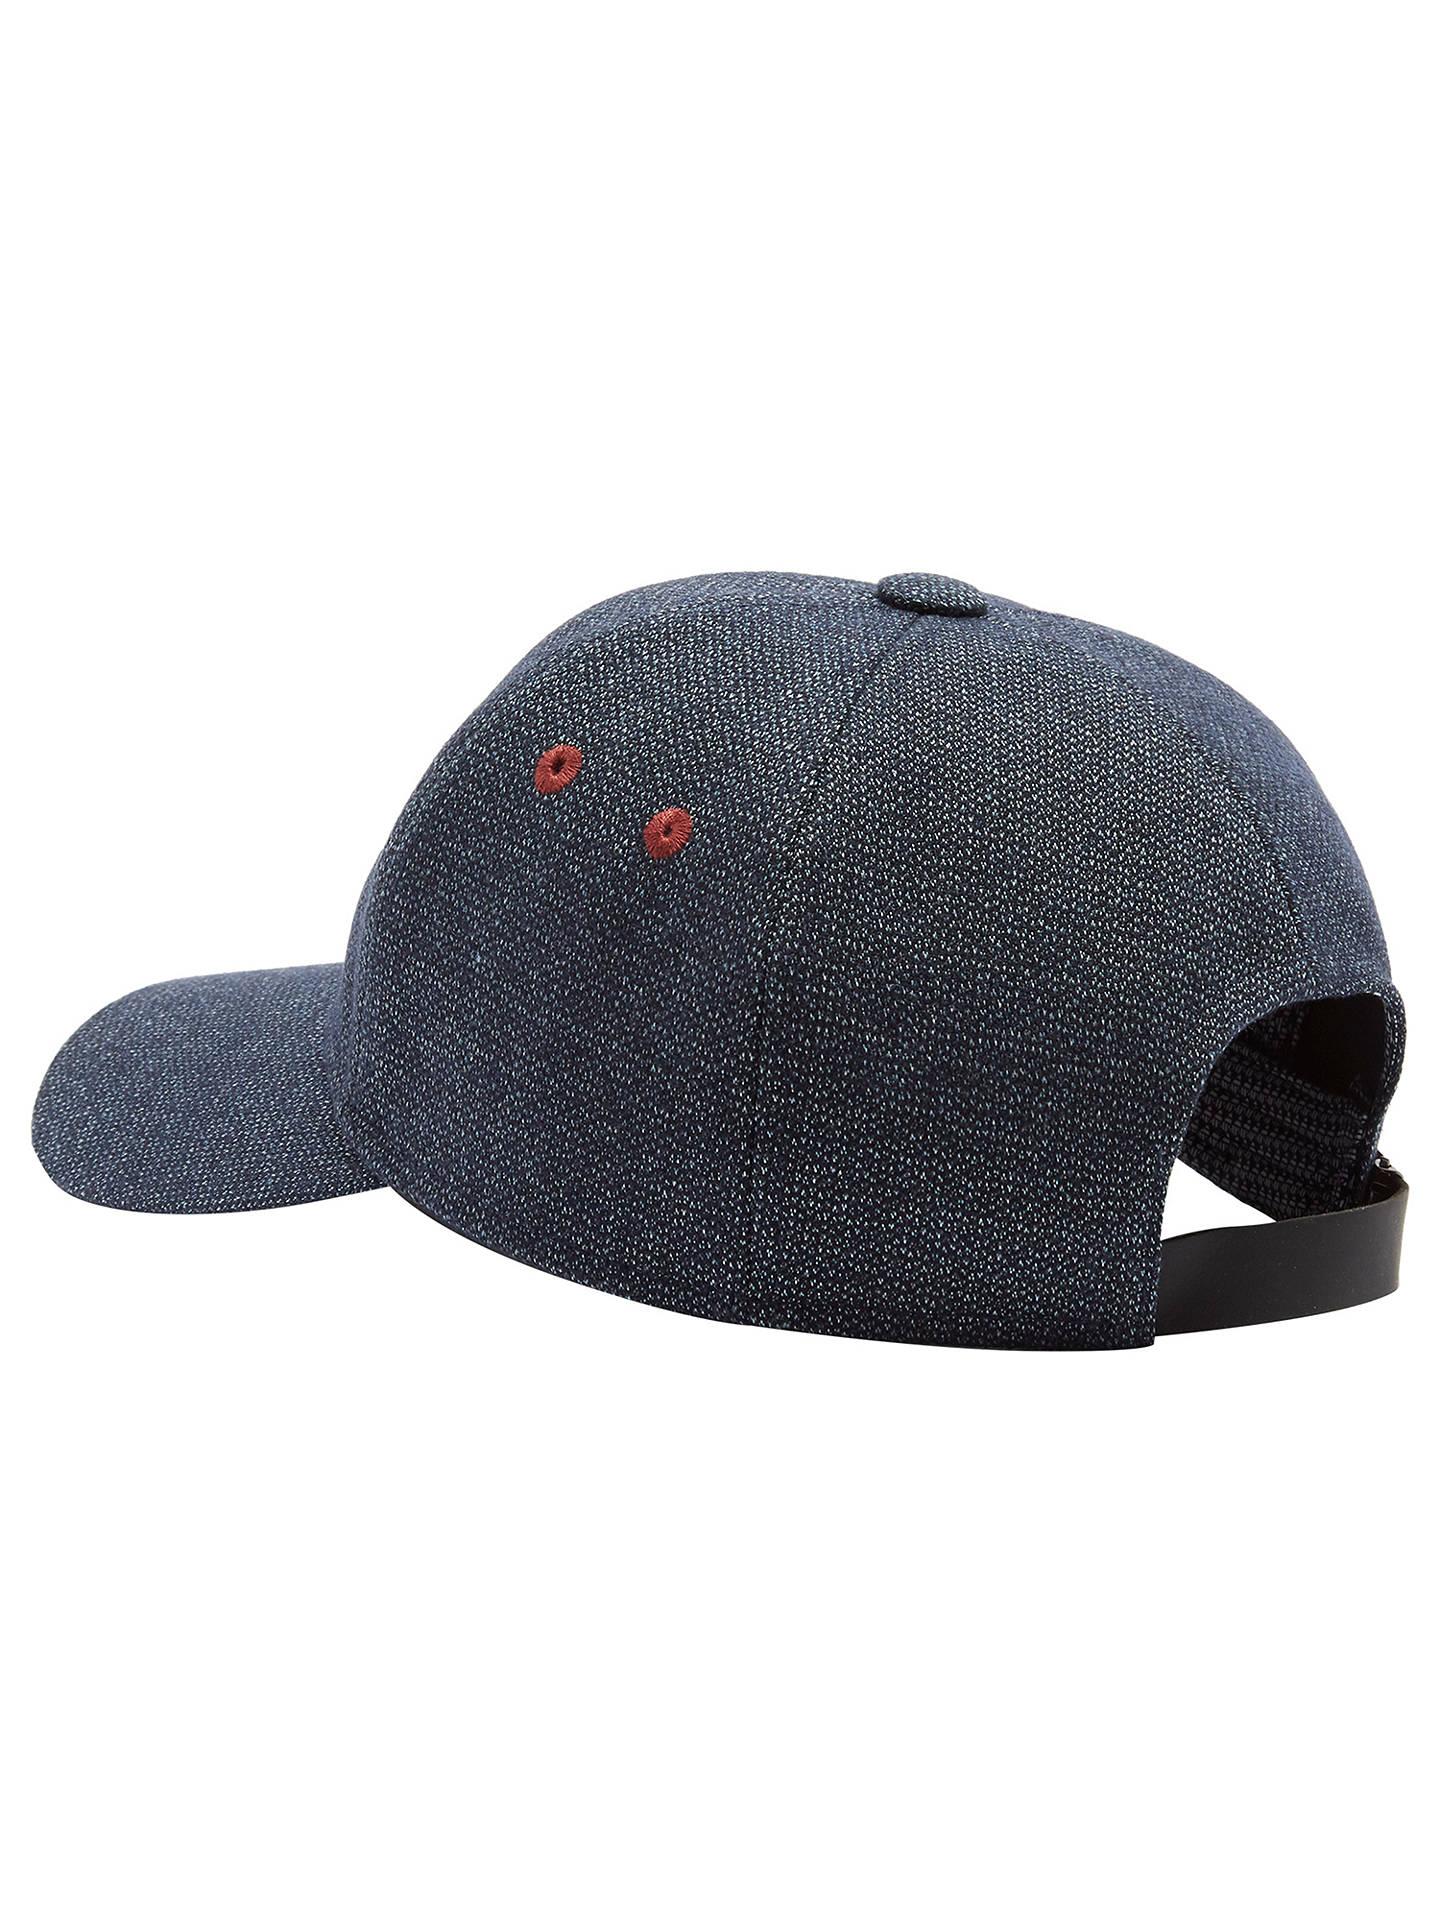 c83906ce4a2 ... BuyTed Baker Norden Baseball Cap